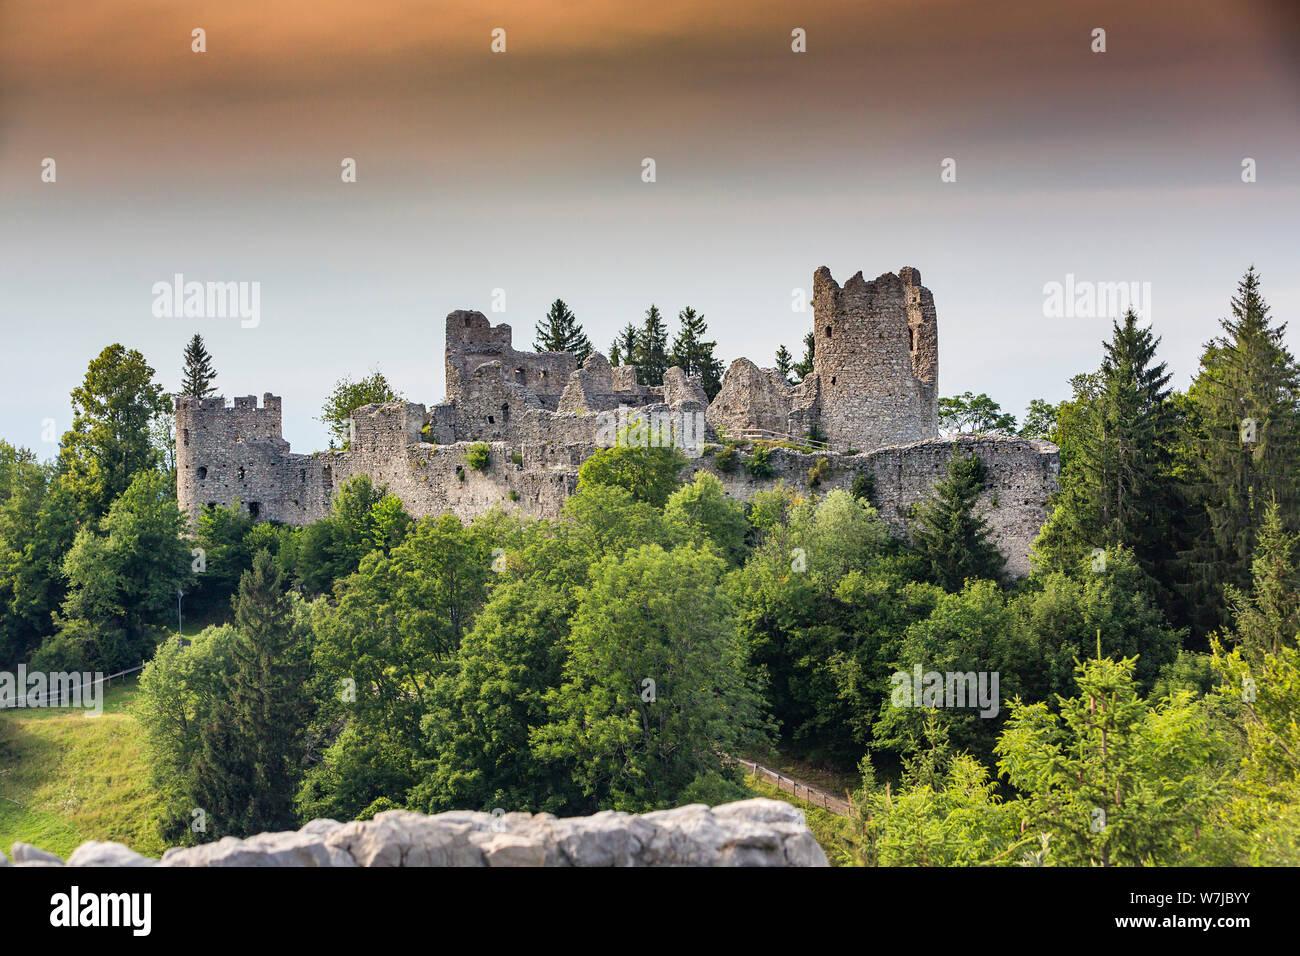 Alemania, Baviera, Allgaeu, Eisenberg, vista a Hohenfreyberg Castillo Castillo Foto de stock